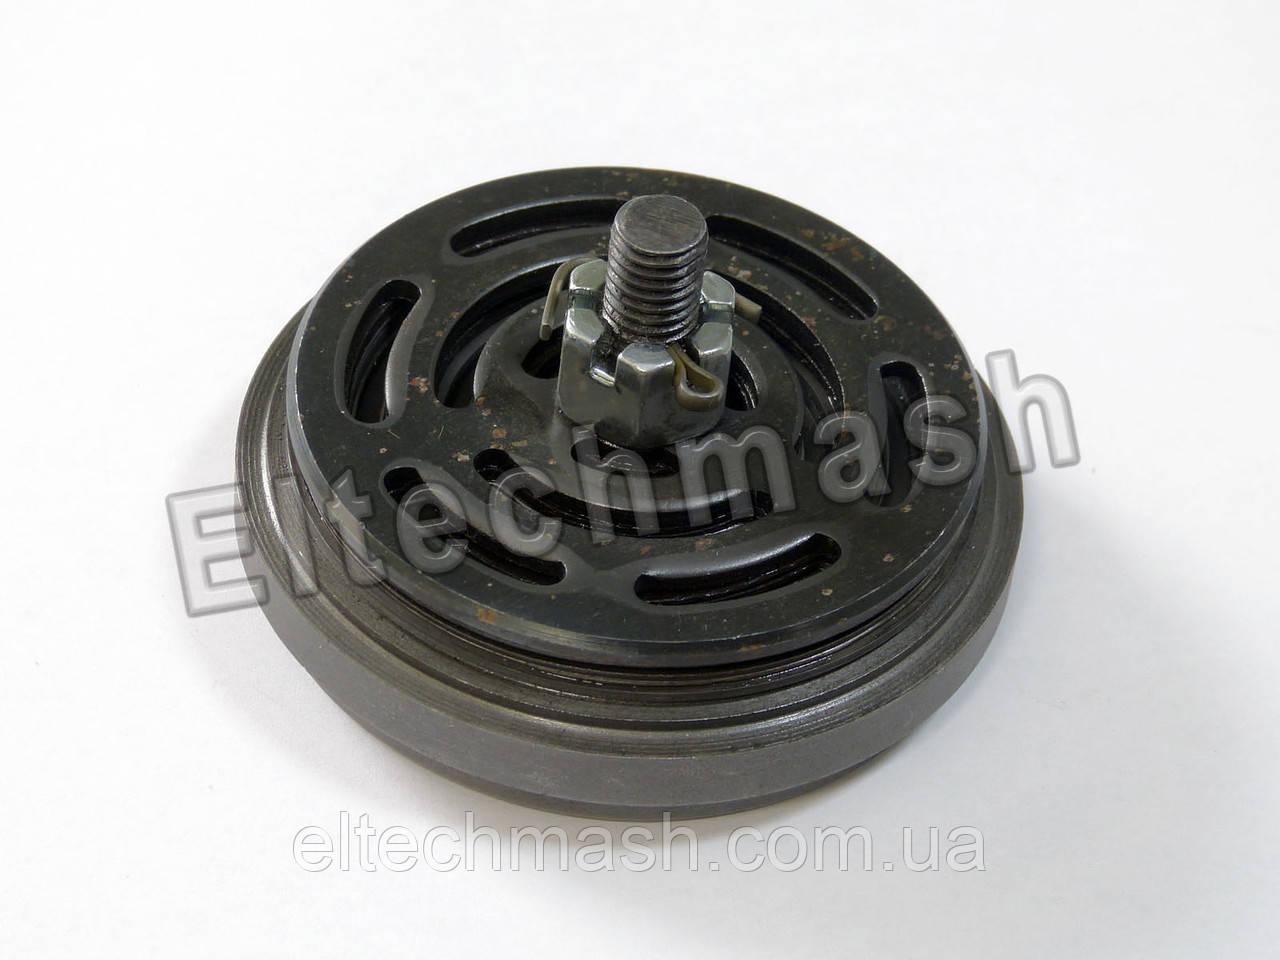 Клапан нагнітальний ЦВТ Т328.40.143.00 до компресорів К2-ЛОК